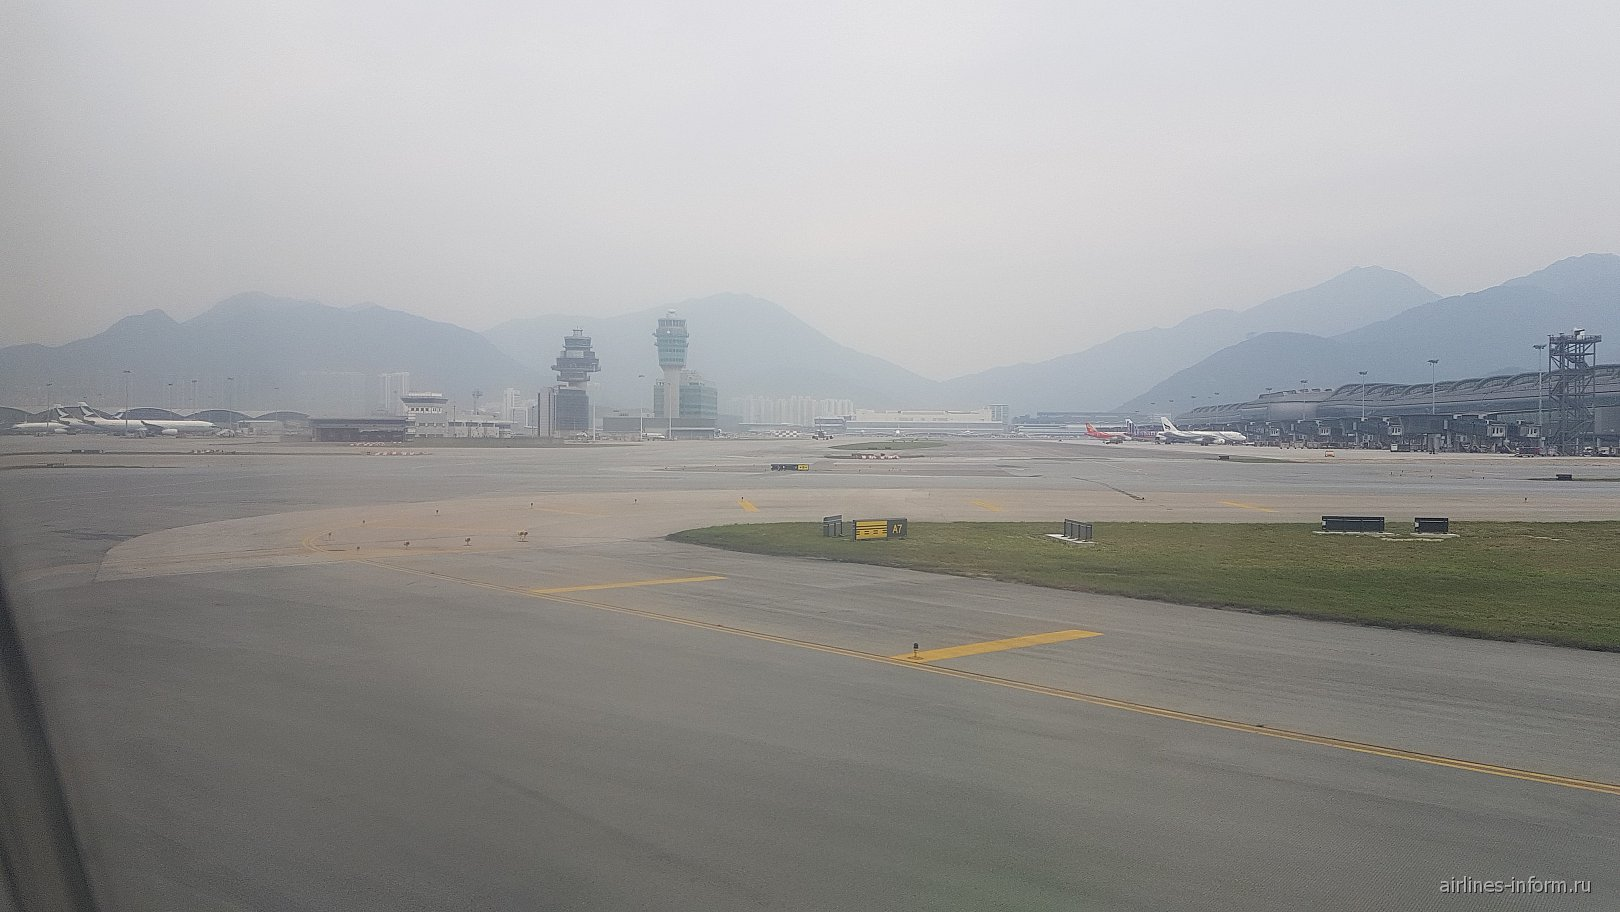 Летное поле аэропорта Гонконг Чхеклапкок